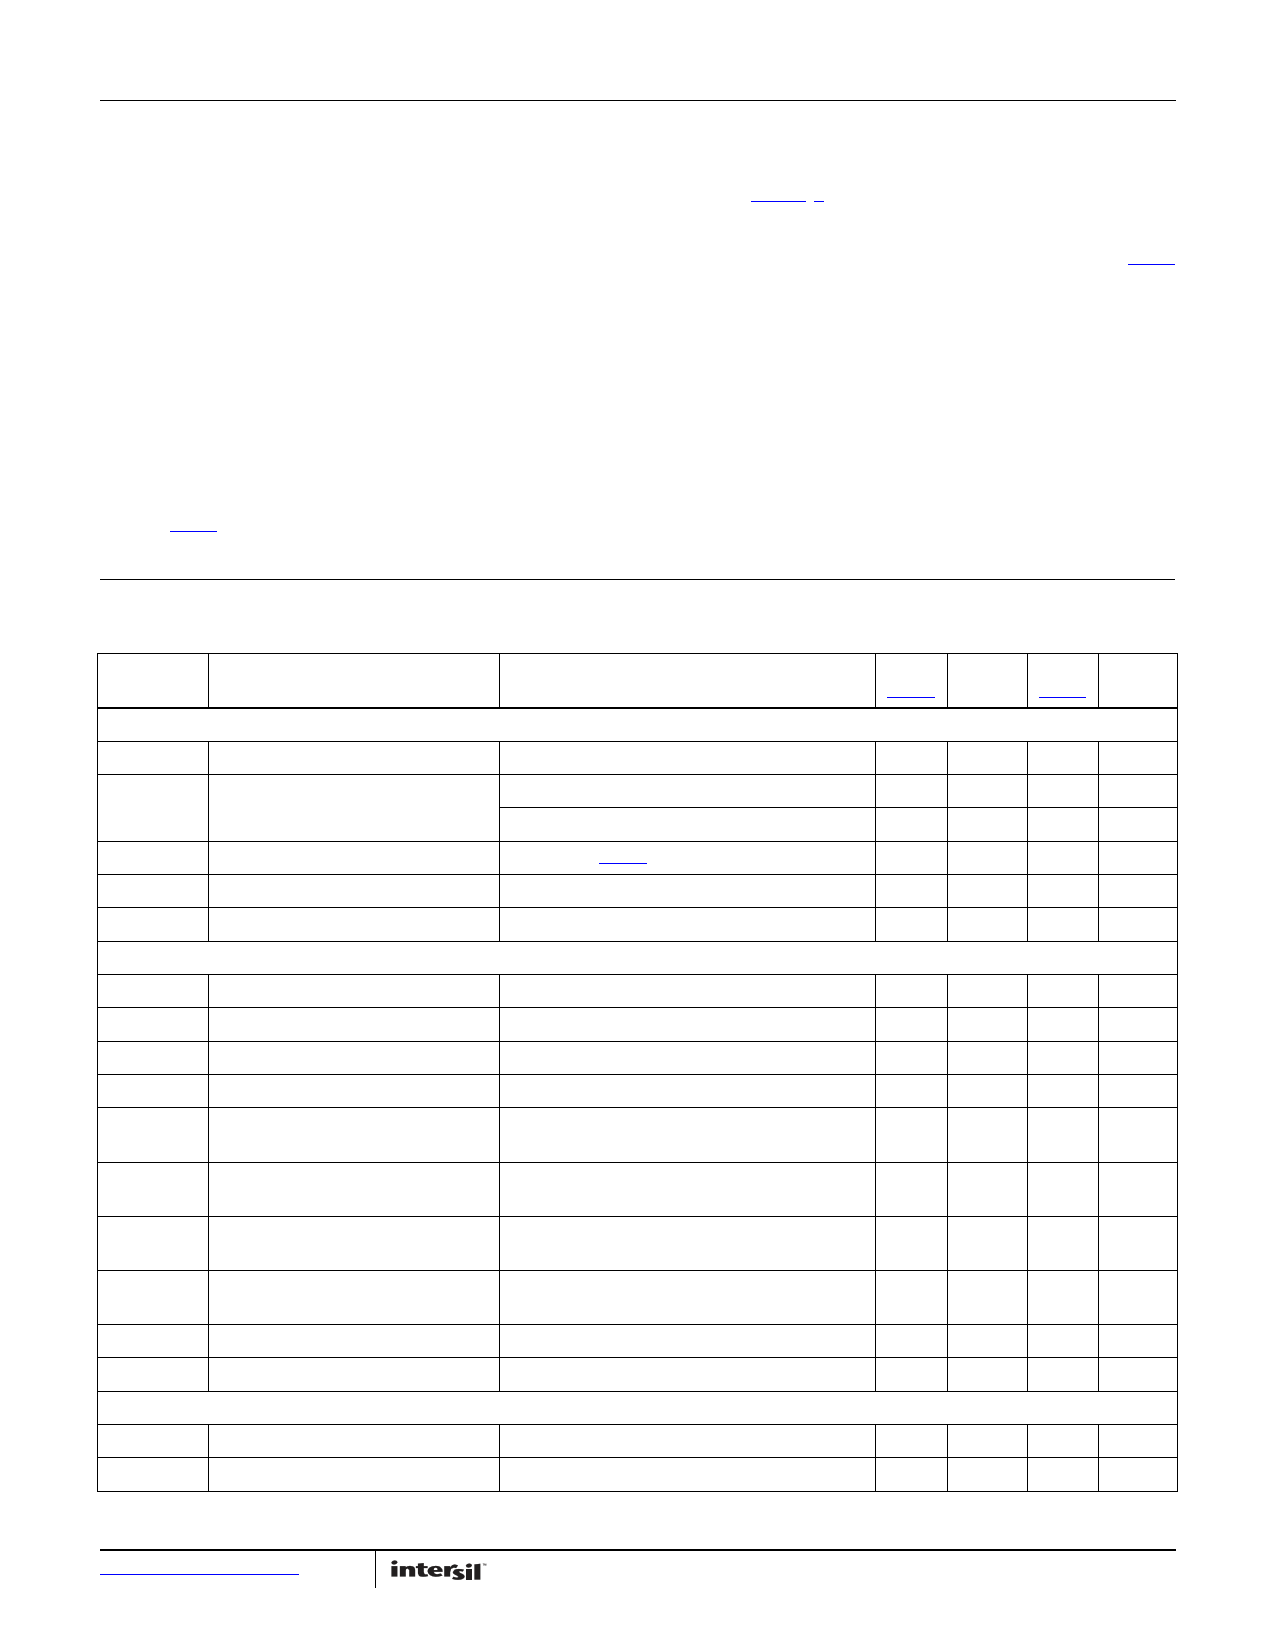 ISL9120IR pdf, 반도체, 판매, 대치품